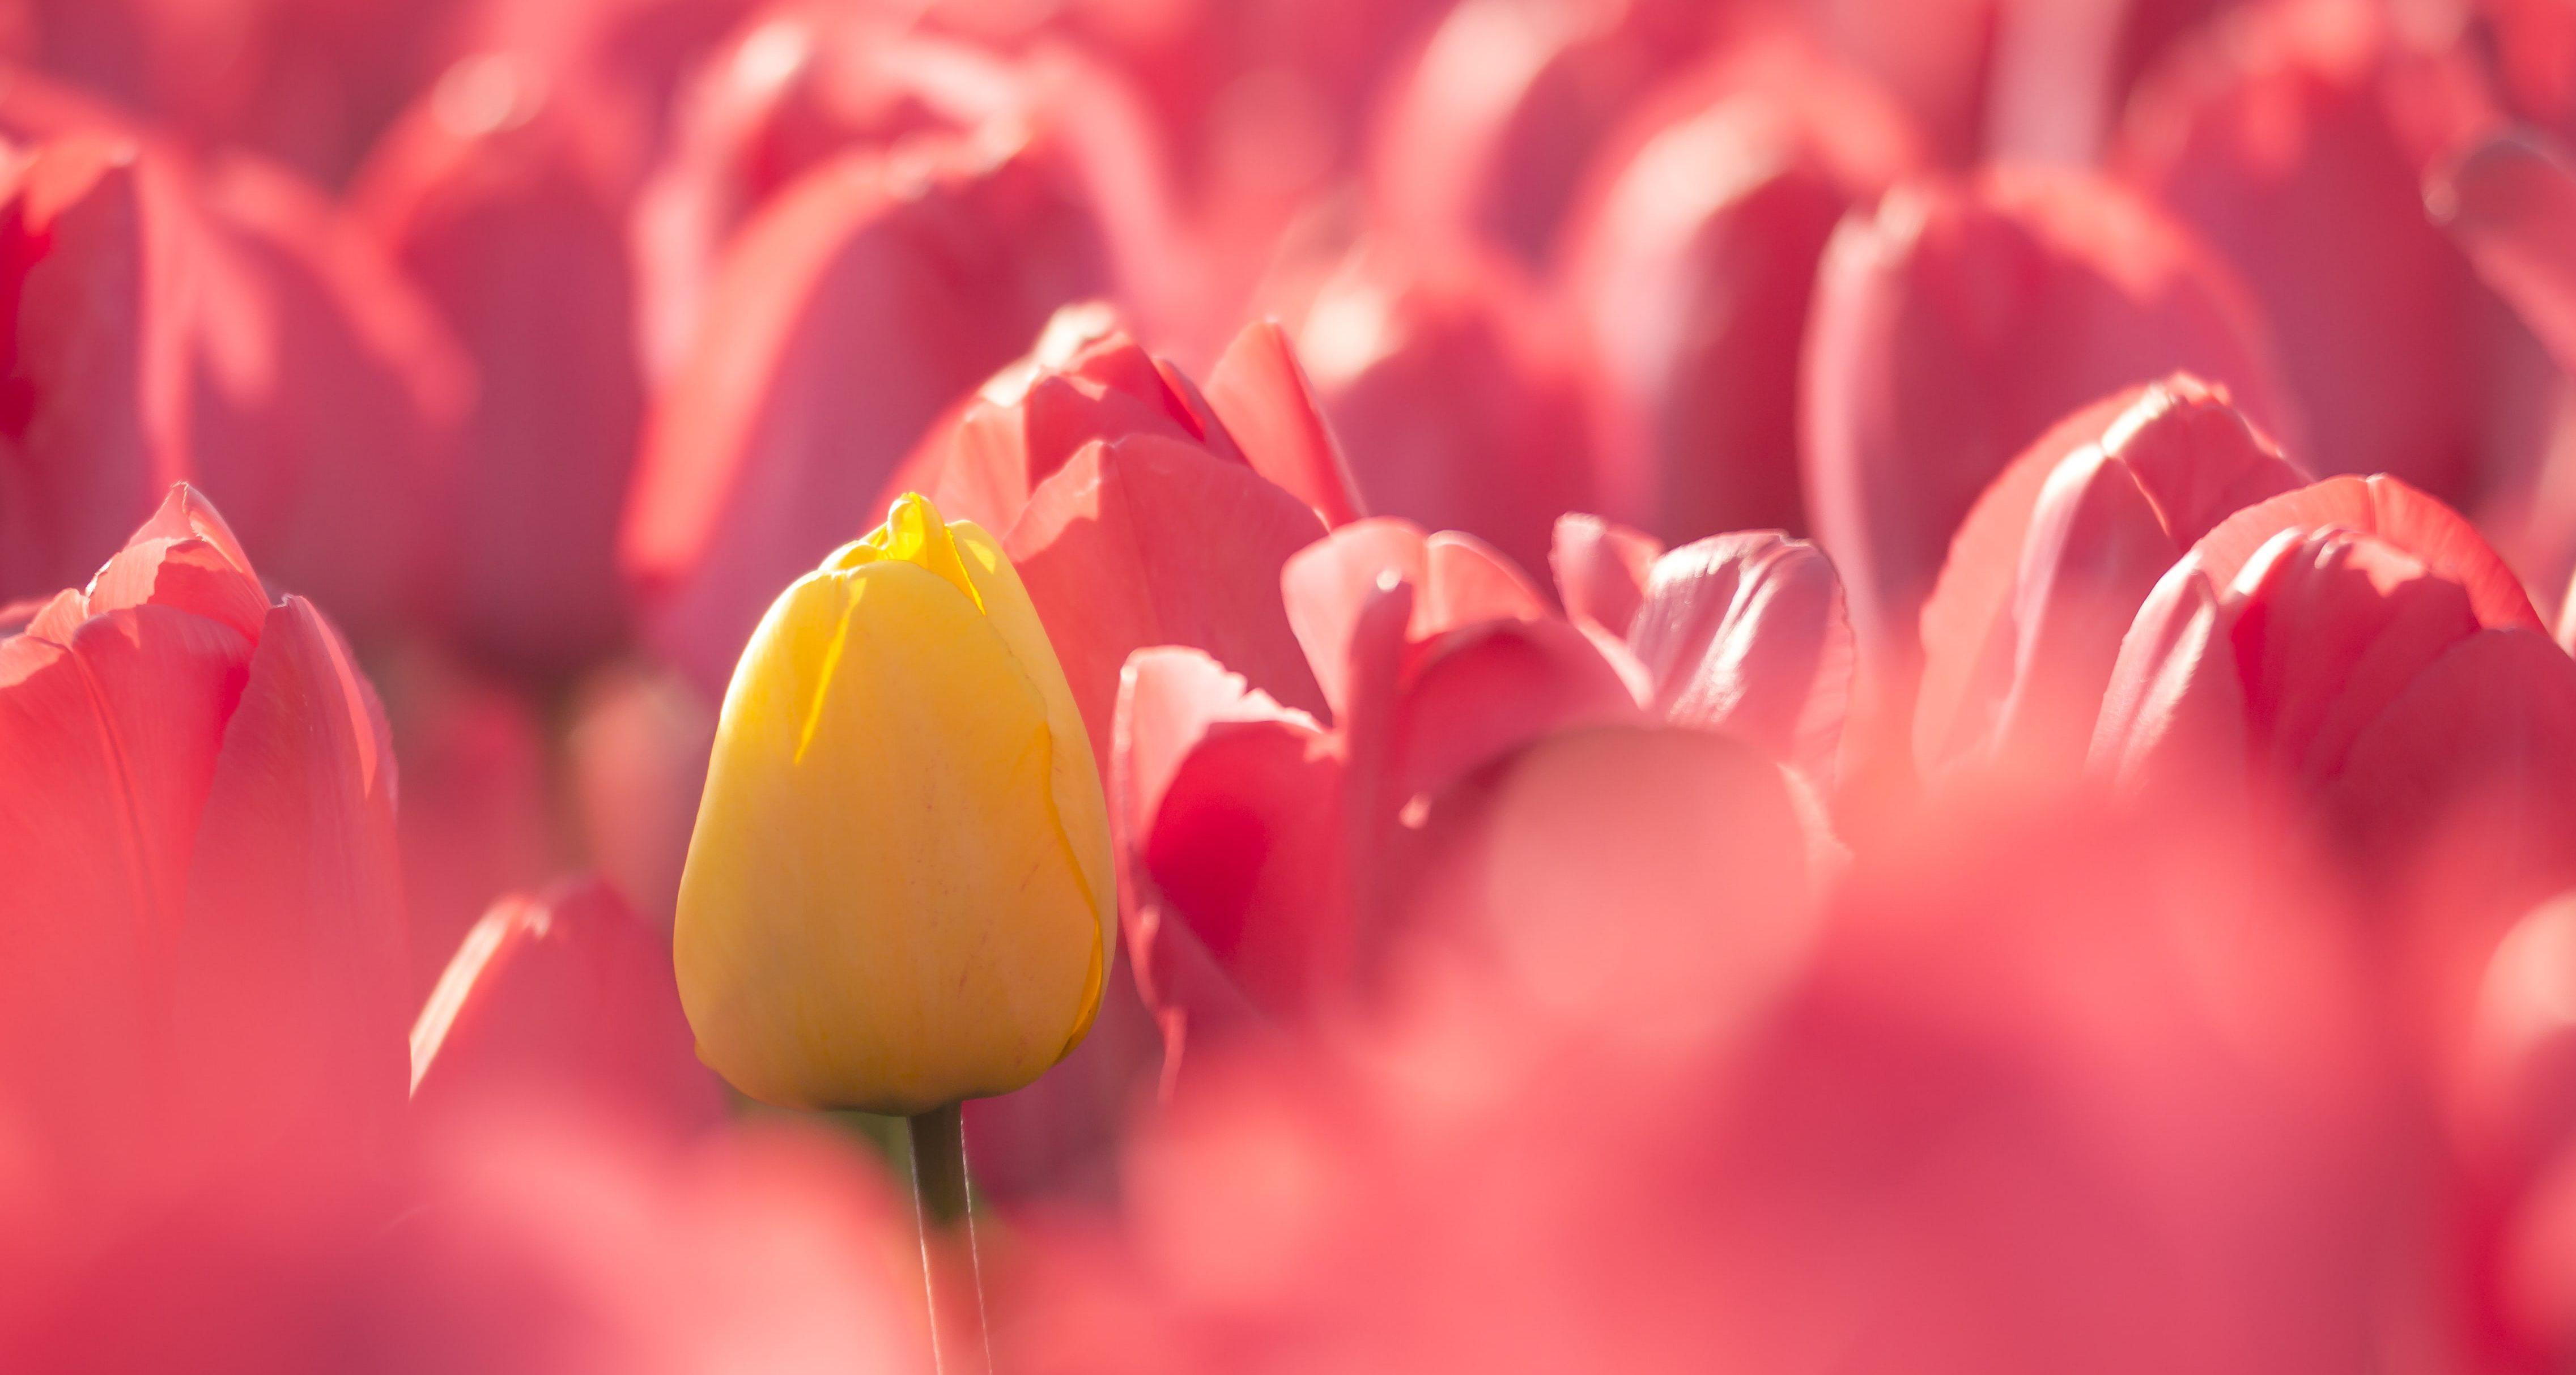 champ de tulipes roses et jaunes